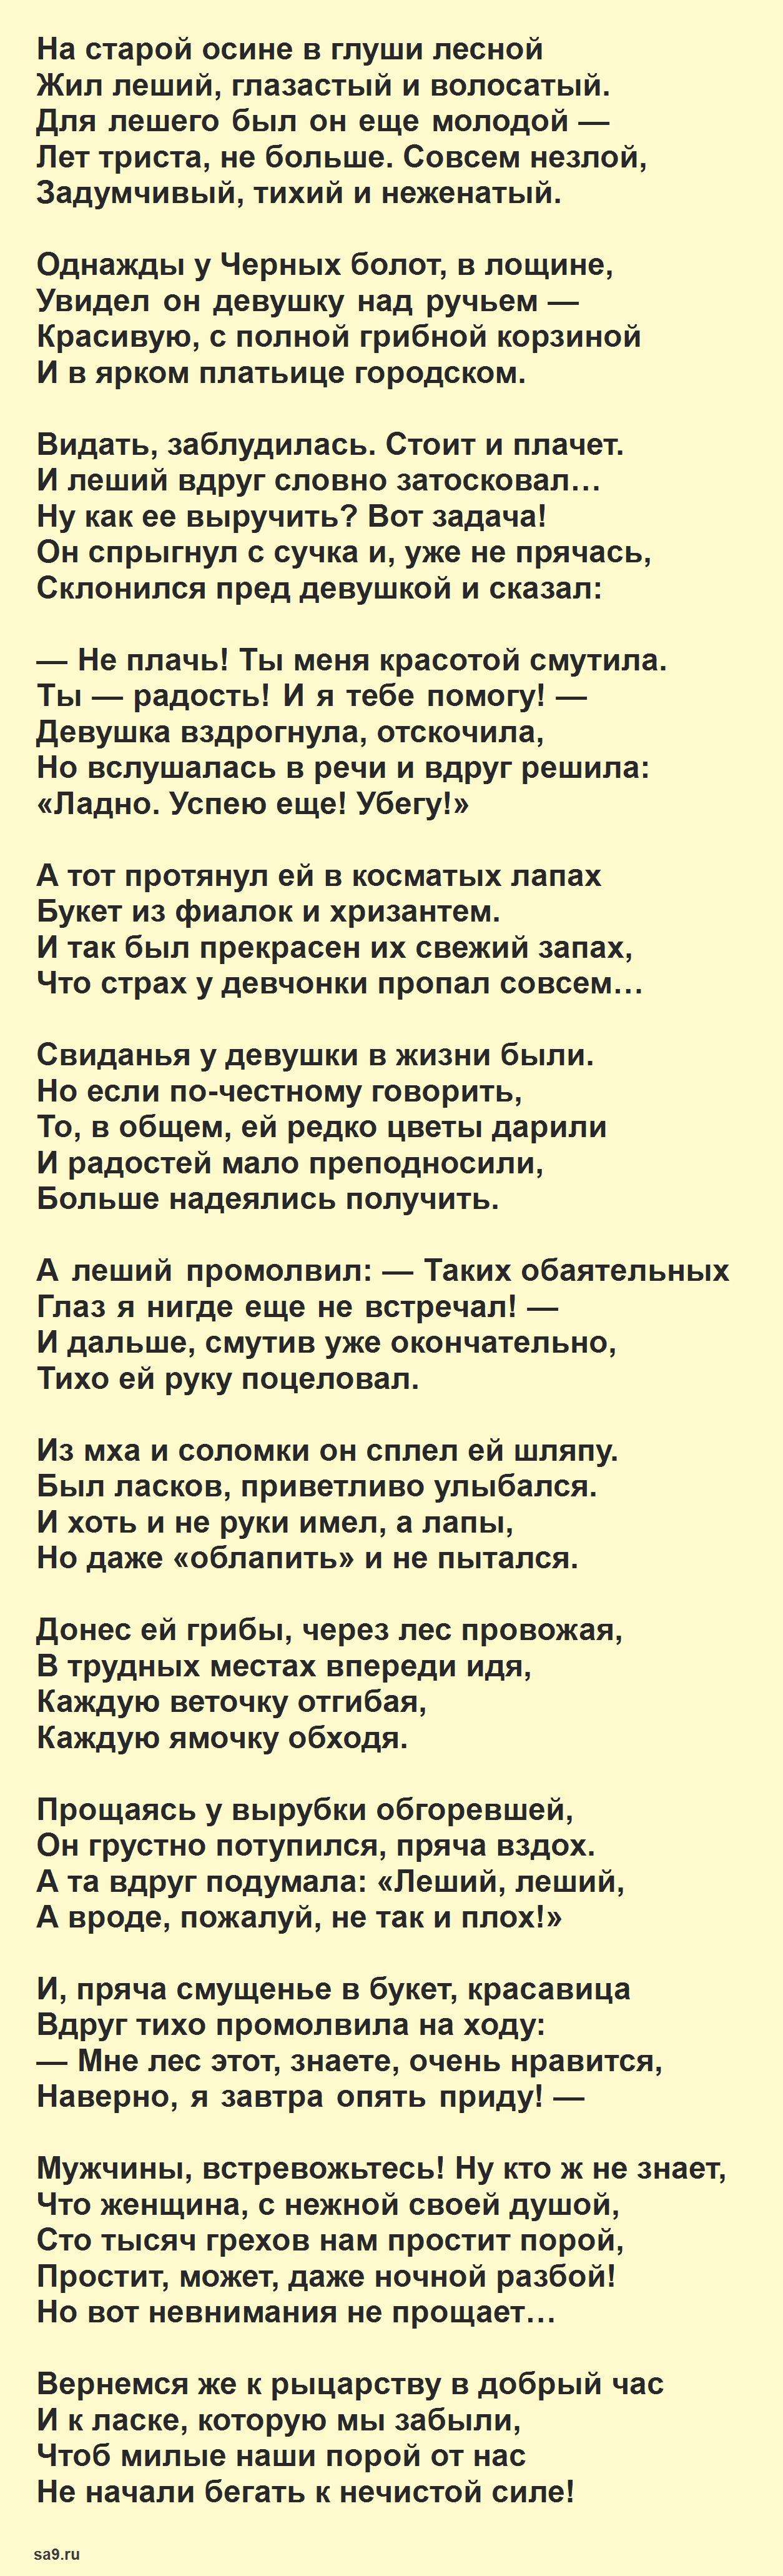 Читать самые лучшие стихи Эдуарда Асадова о любви - Девушка и лесовик